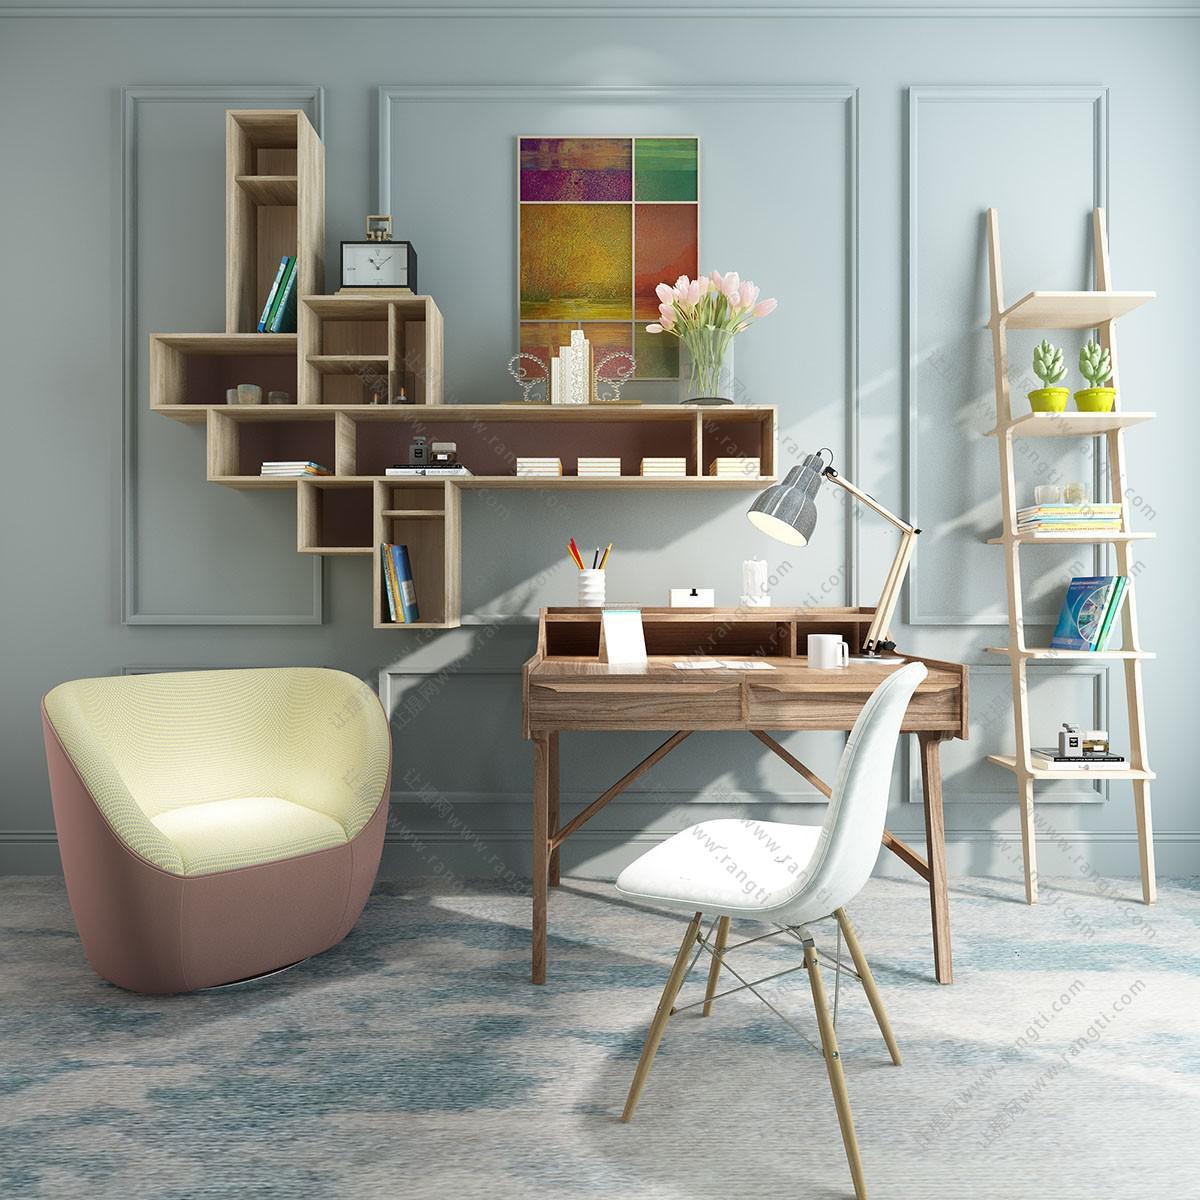 北欧实木书桌椅、书架组合3D模型